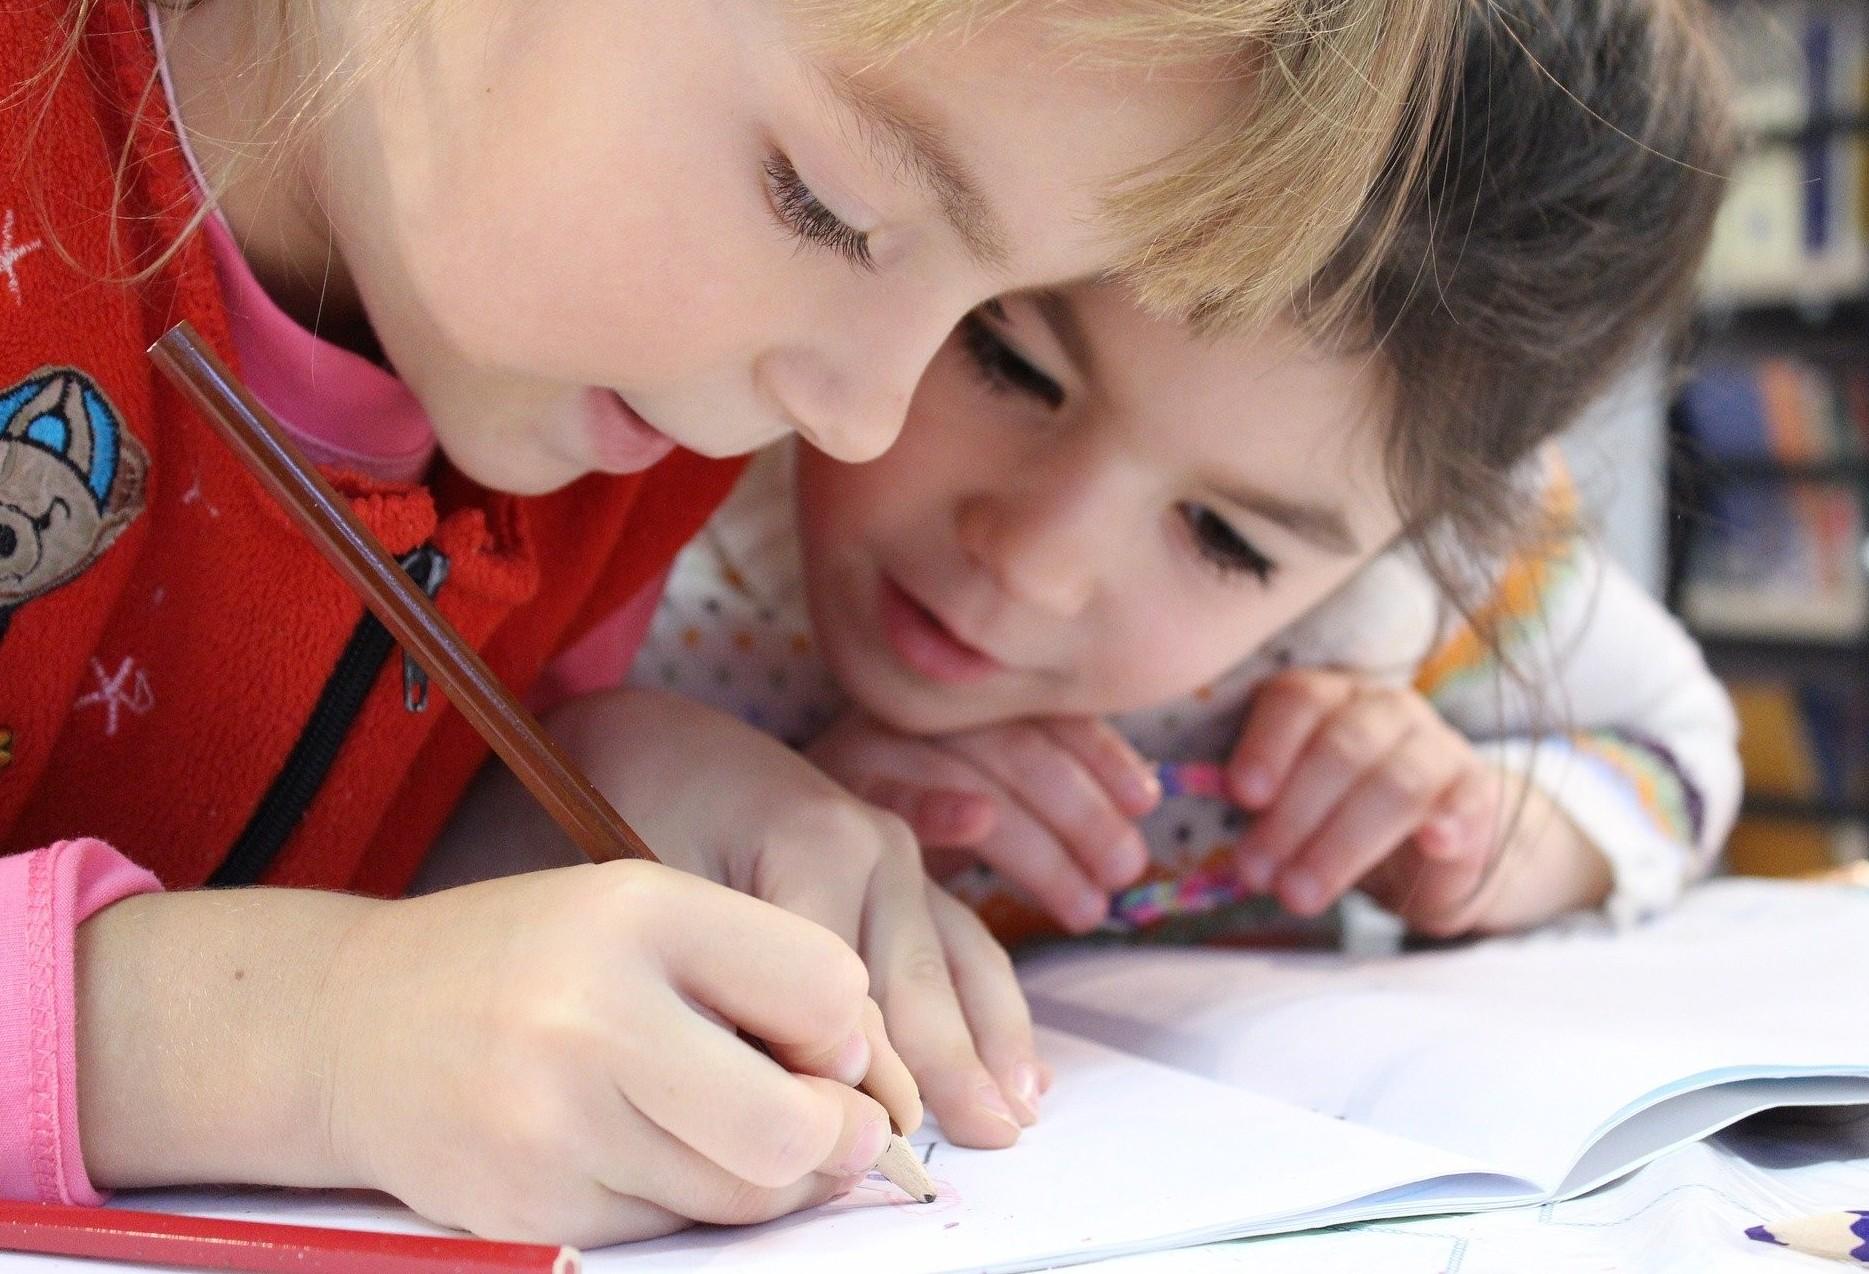 Professora diz que pais devem manter rotina das crianças durante isolamento social